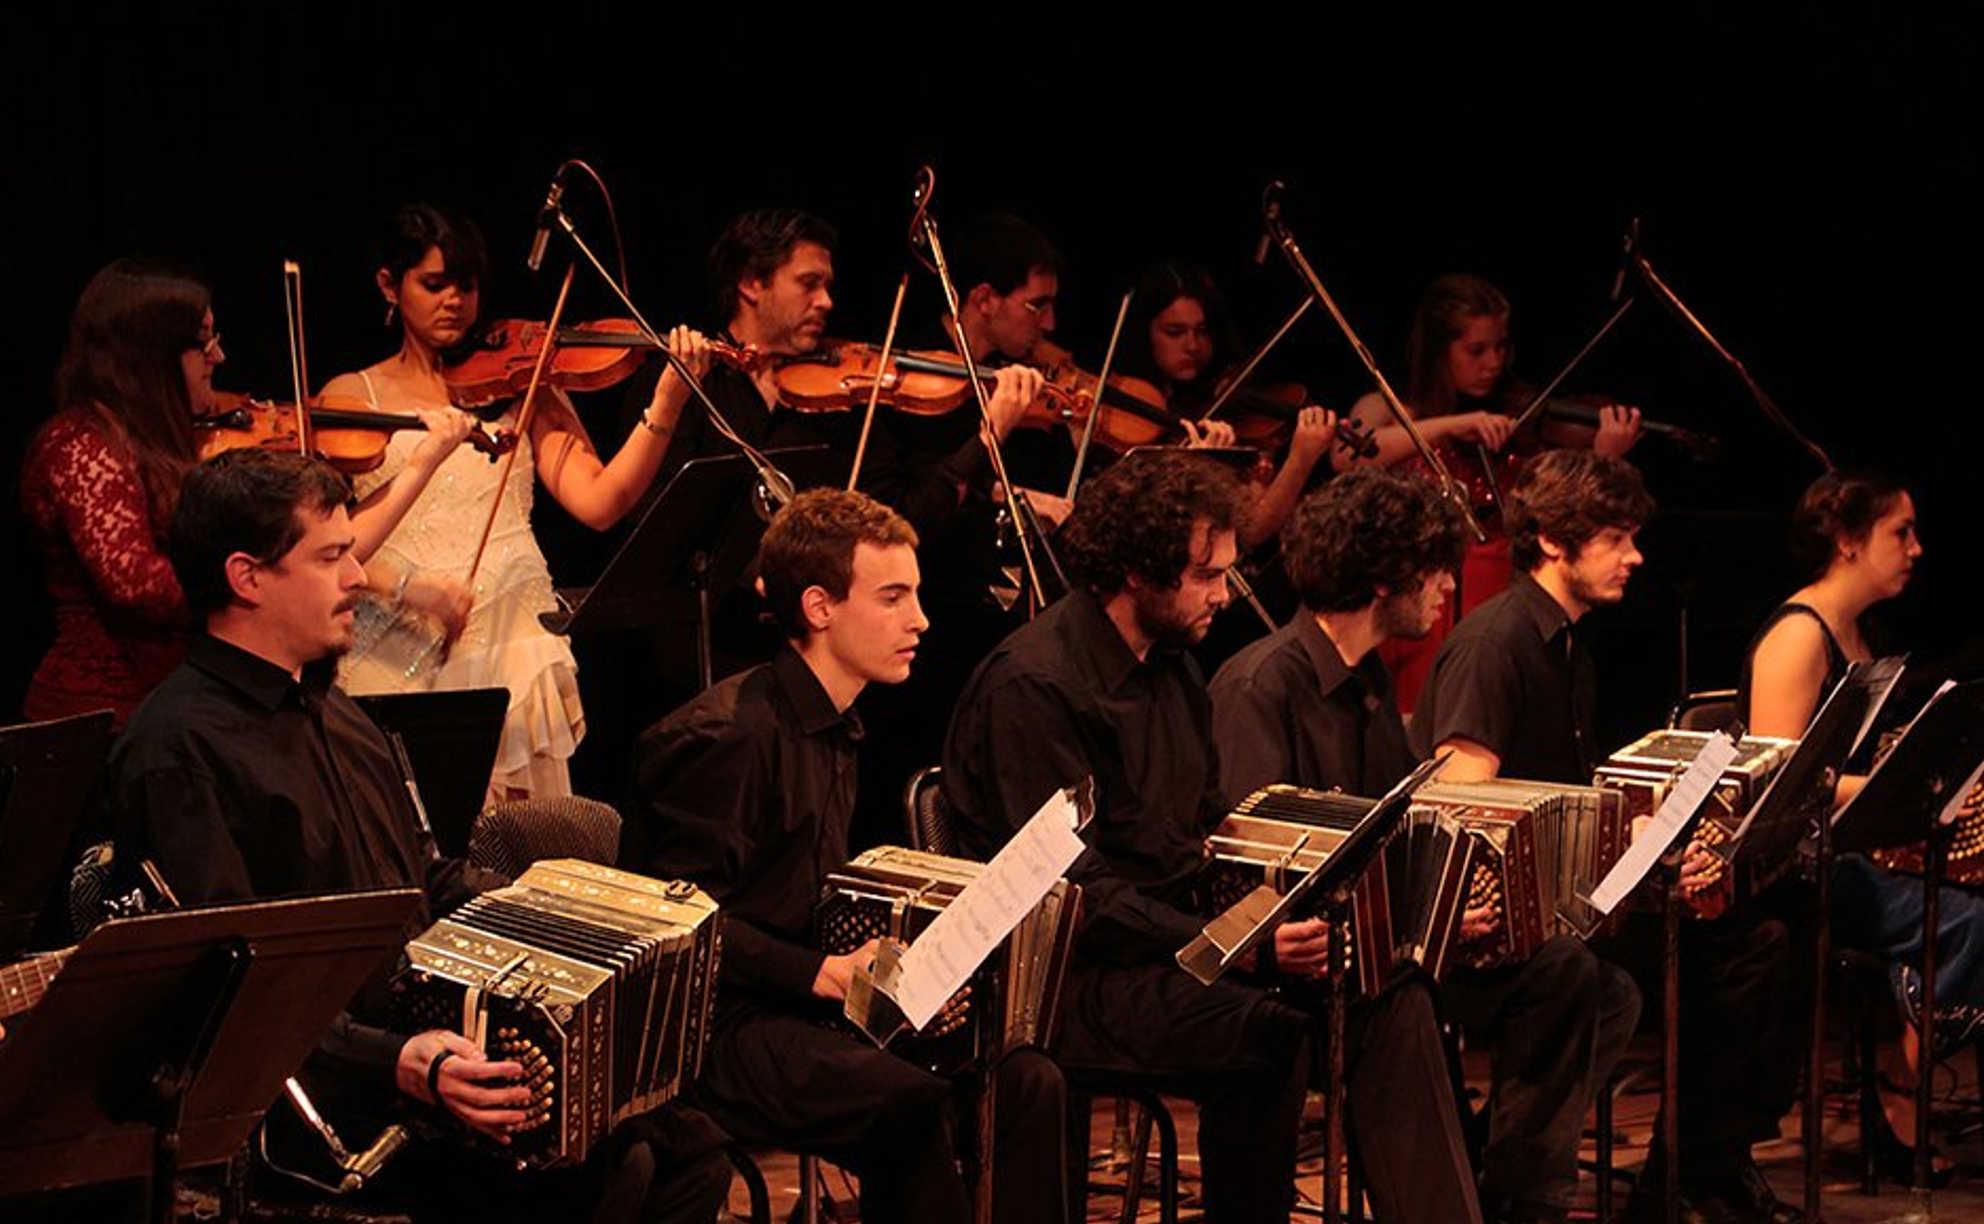 Orquesta Típica en Conserva